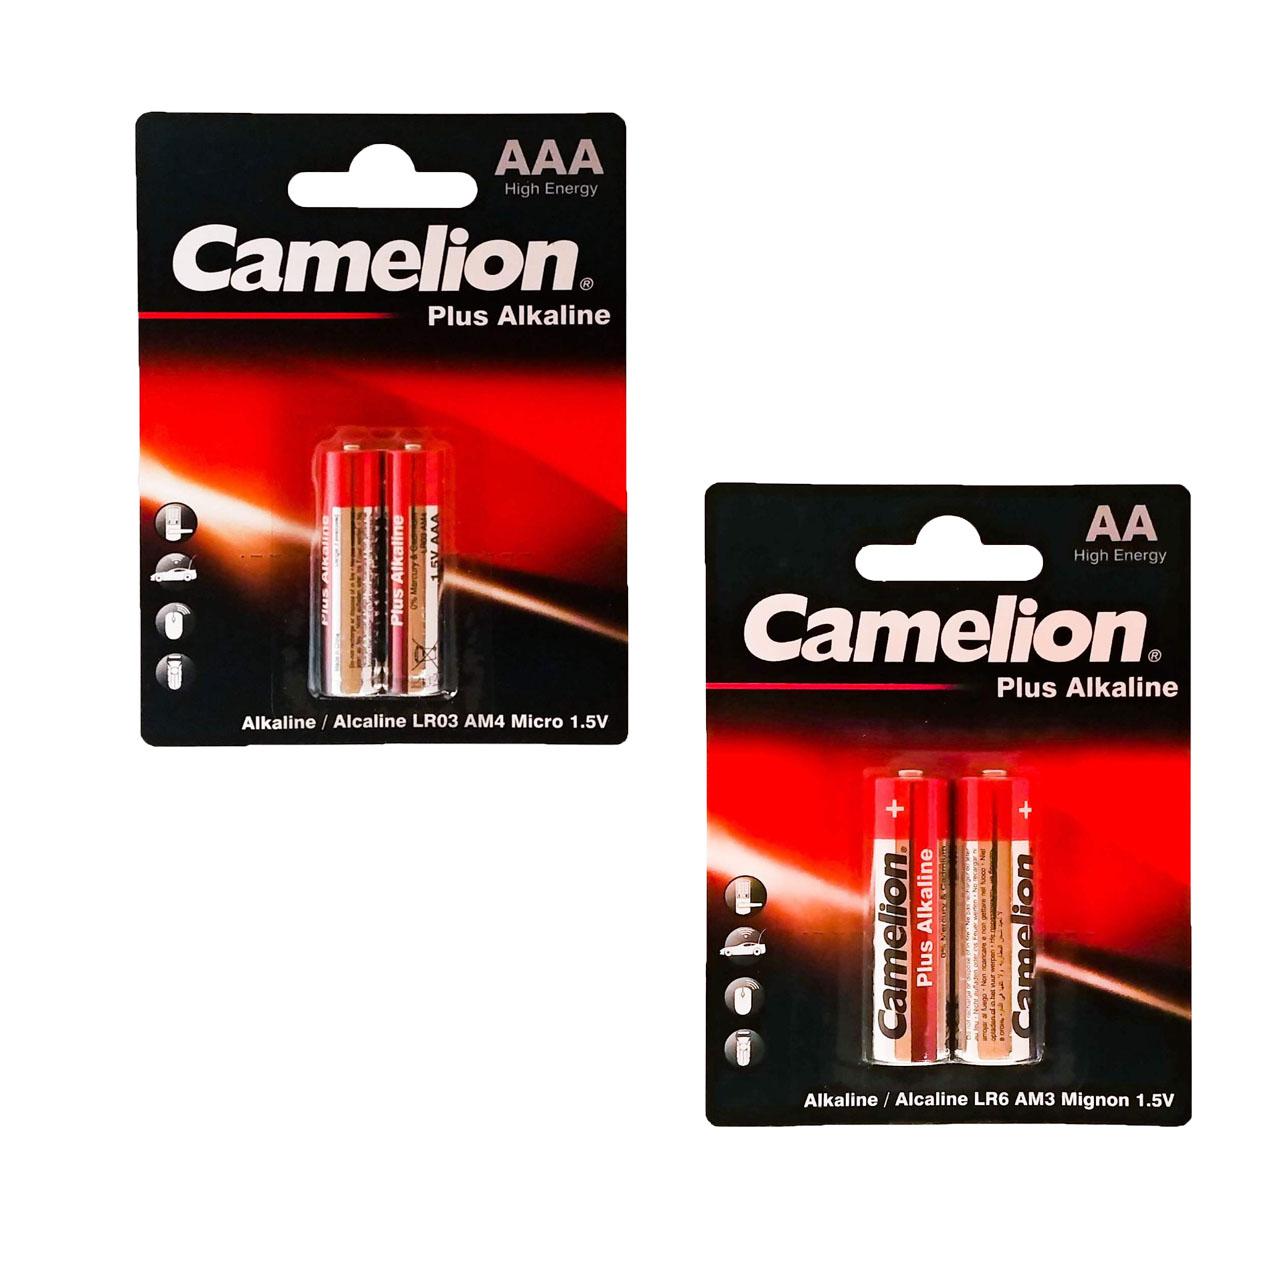 باتری قلم و نیم قلمی کملیون مدل Plus Alkaline کد 025 بسته 4 عددی